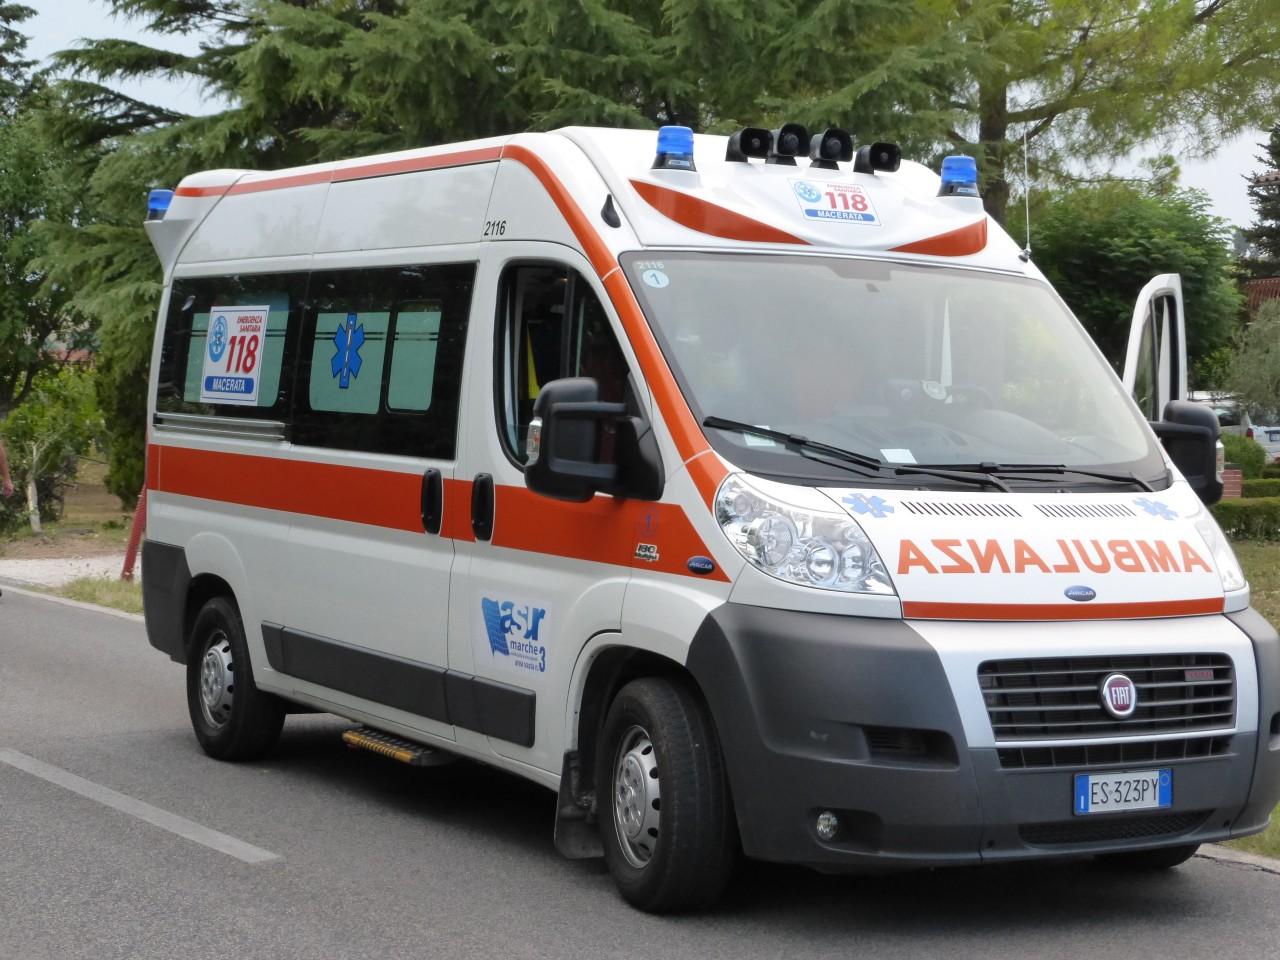 Si impicca nella sua agenzia di assicurazioni: tragedia a Montefiascone